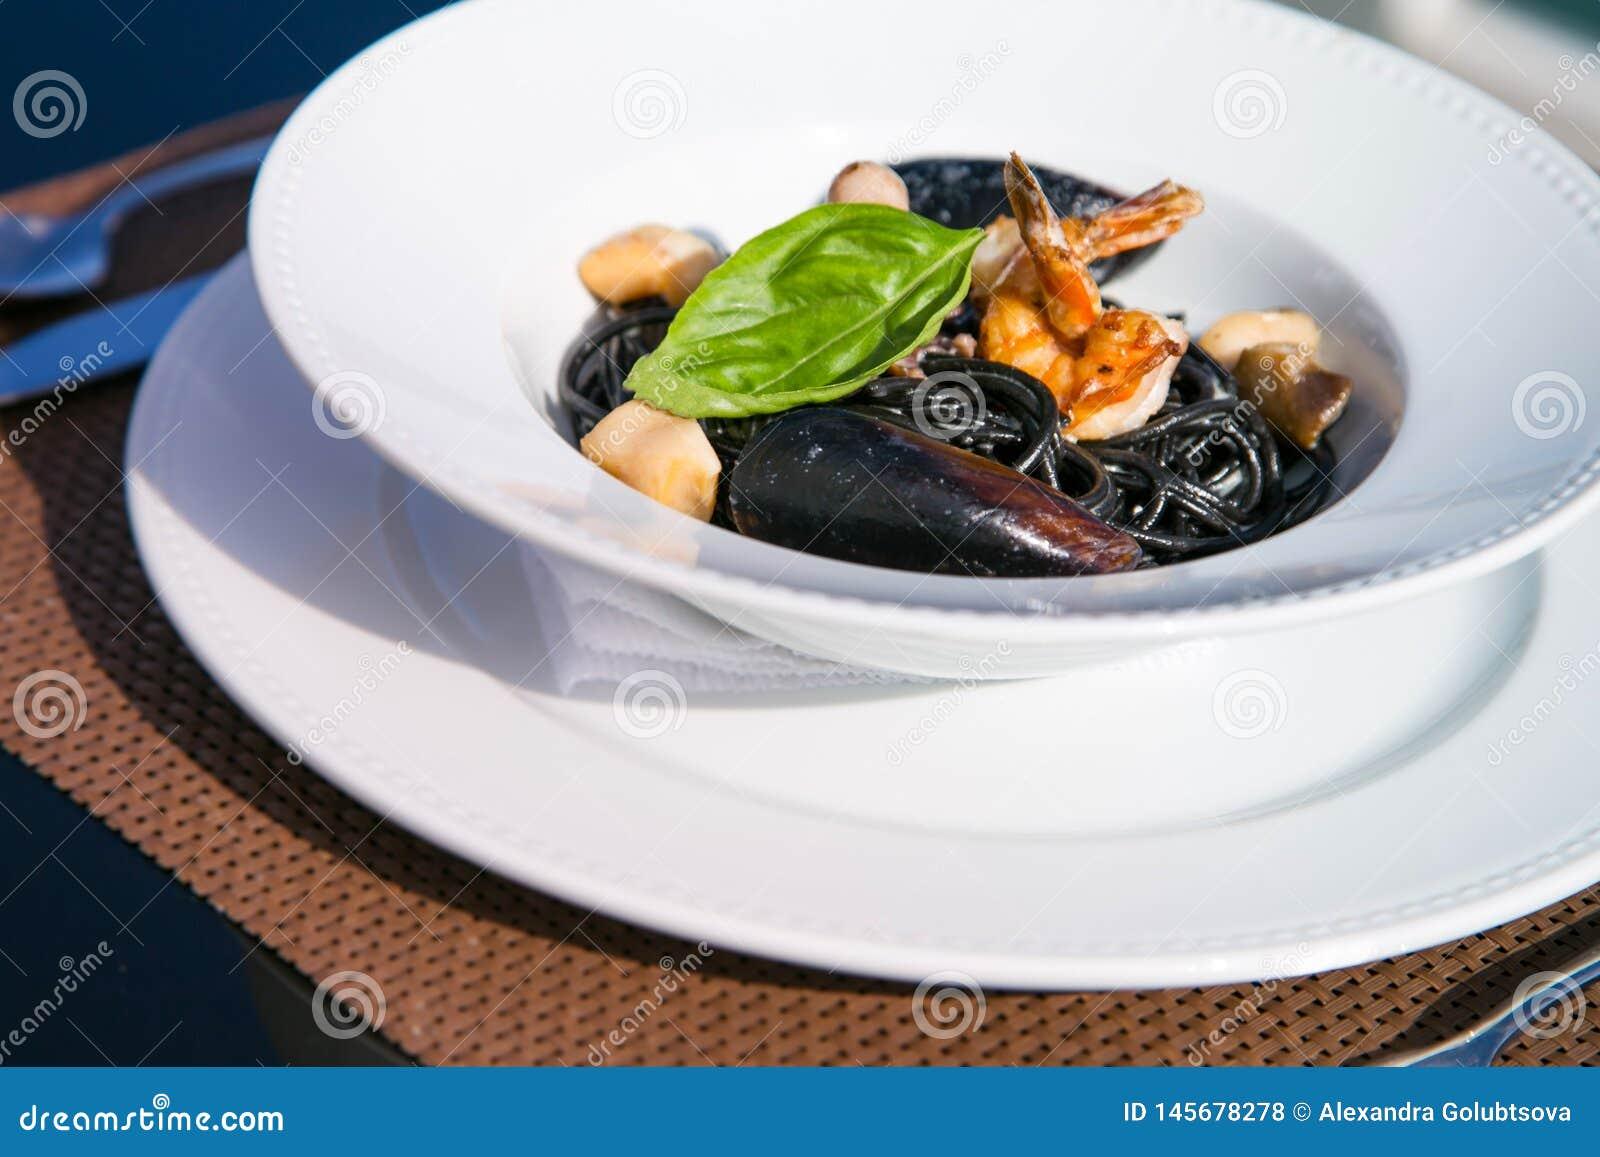 Spagetti met zeevruchten op een plaat